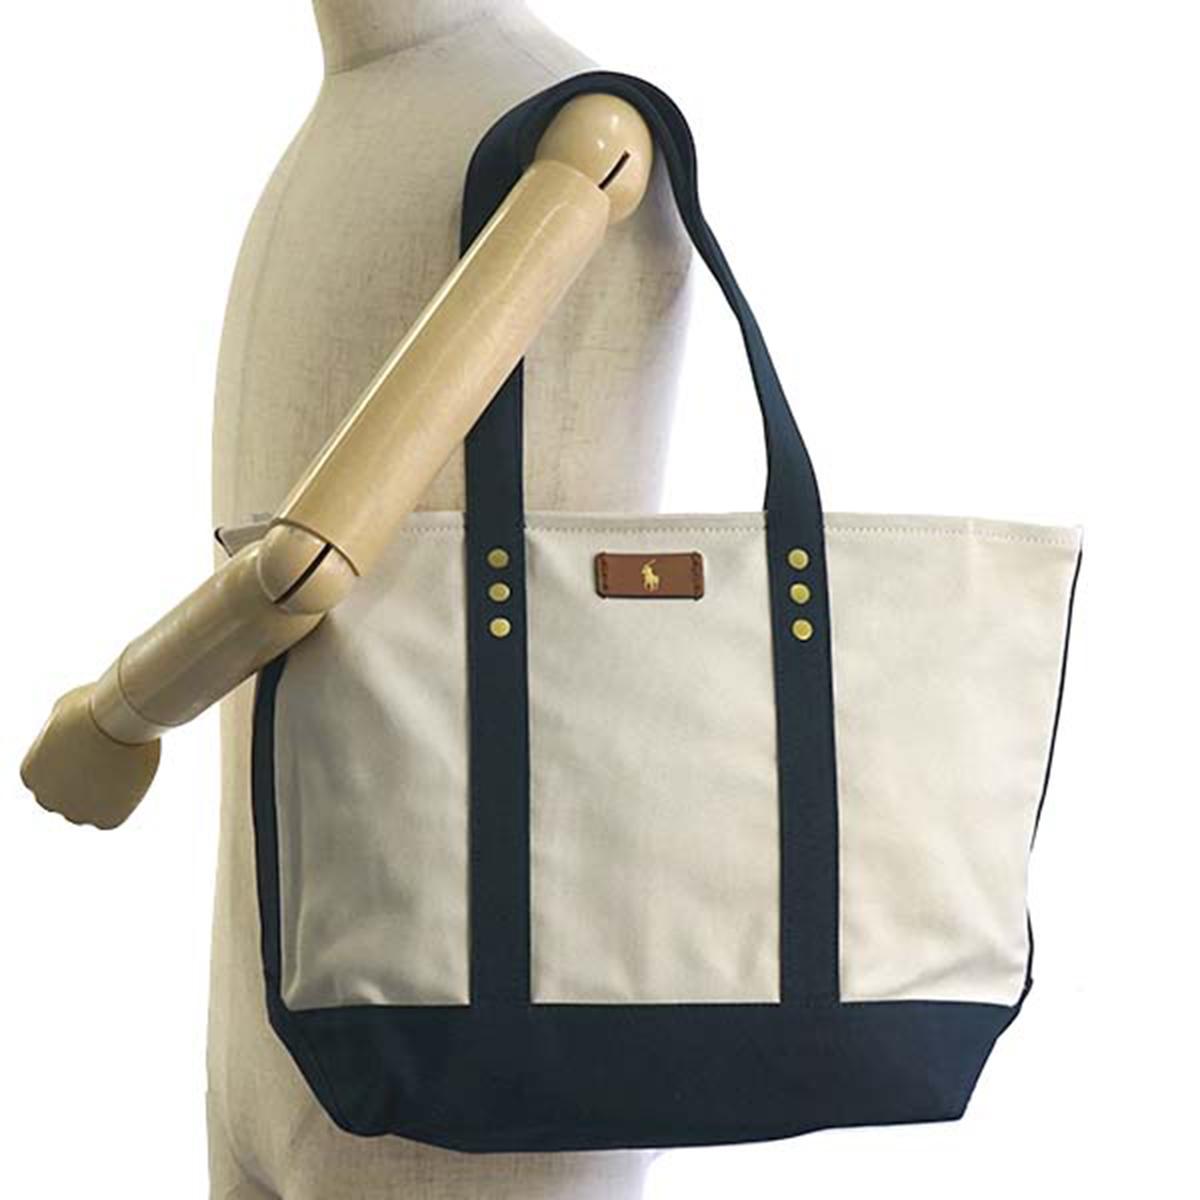 6e503e74ec Ralph Lauren Ralph Lauren tote bag Lady s men canvas shoulder bag tote bag  shoulder back natural beige navy dark blue lady s great new work bag  attending ...